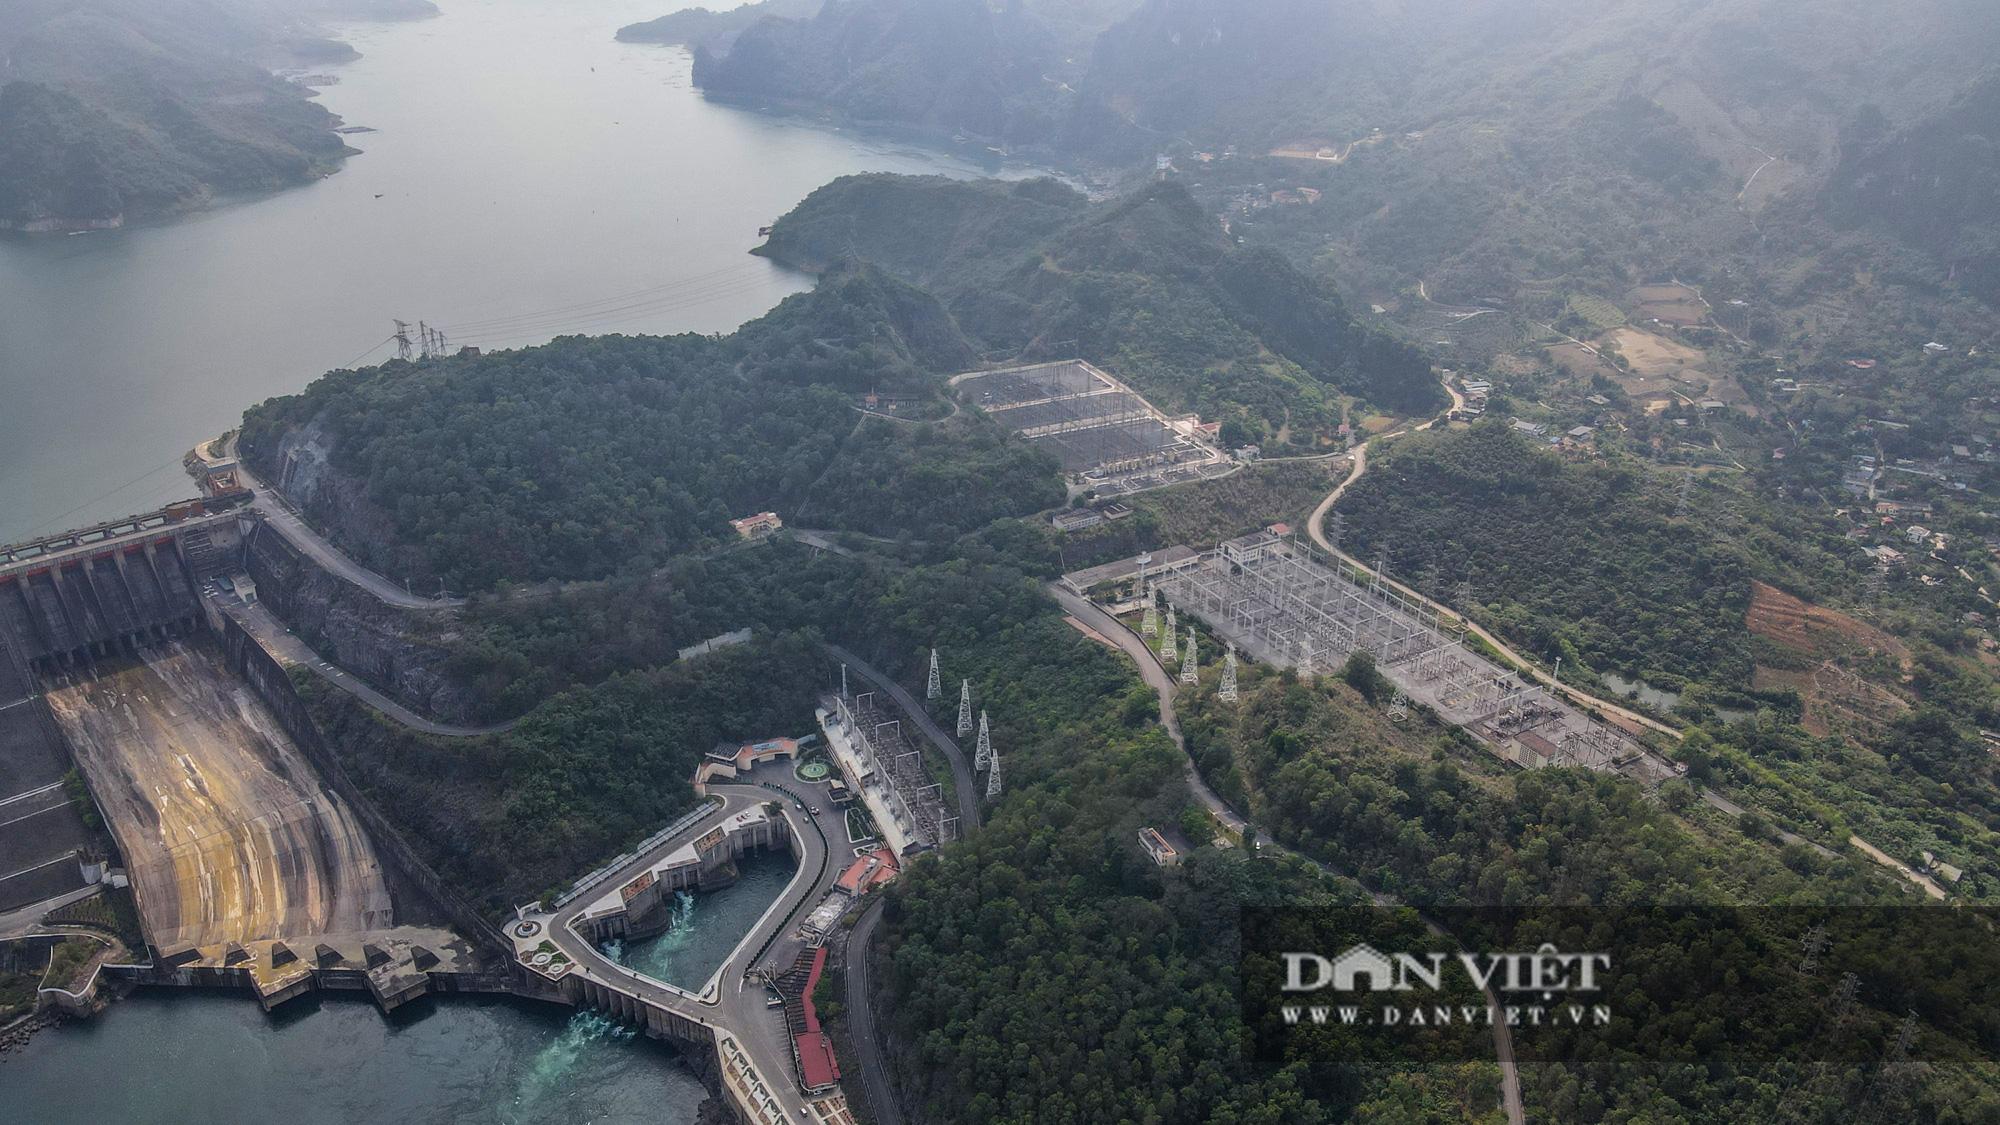 Công trình mở rộng nhà máy thuỷ điện Hoà Bình hơn 9000 tỷ nhìn từ trên cao  - Ảnh 3.